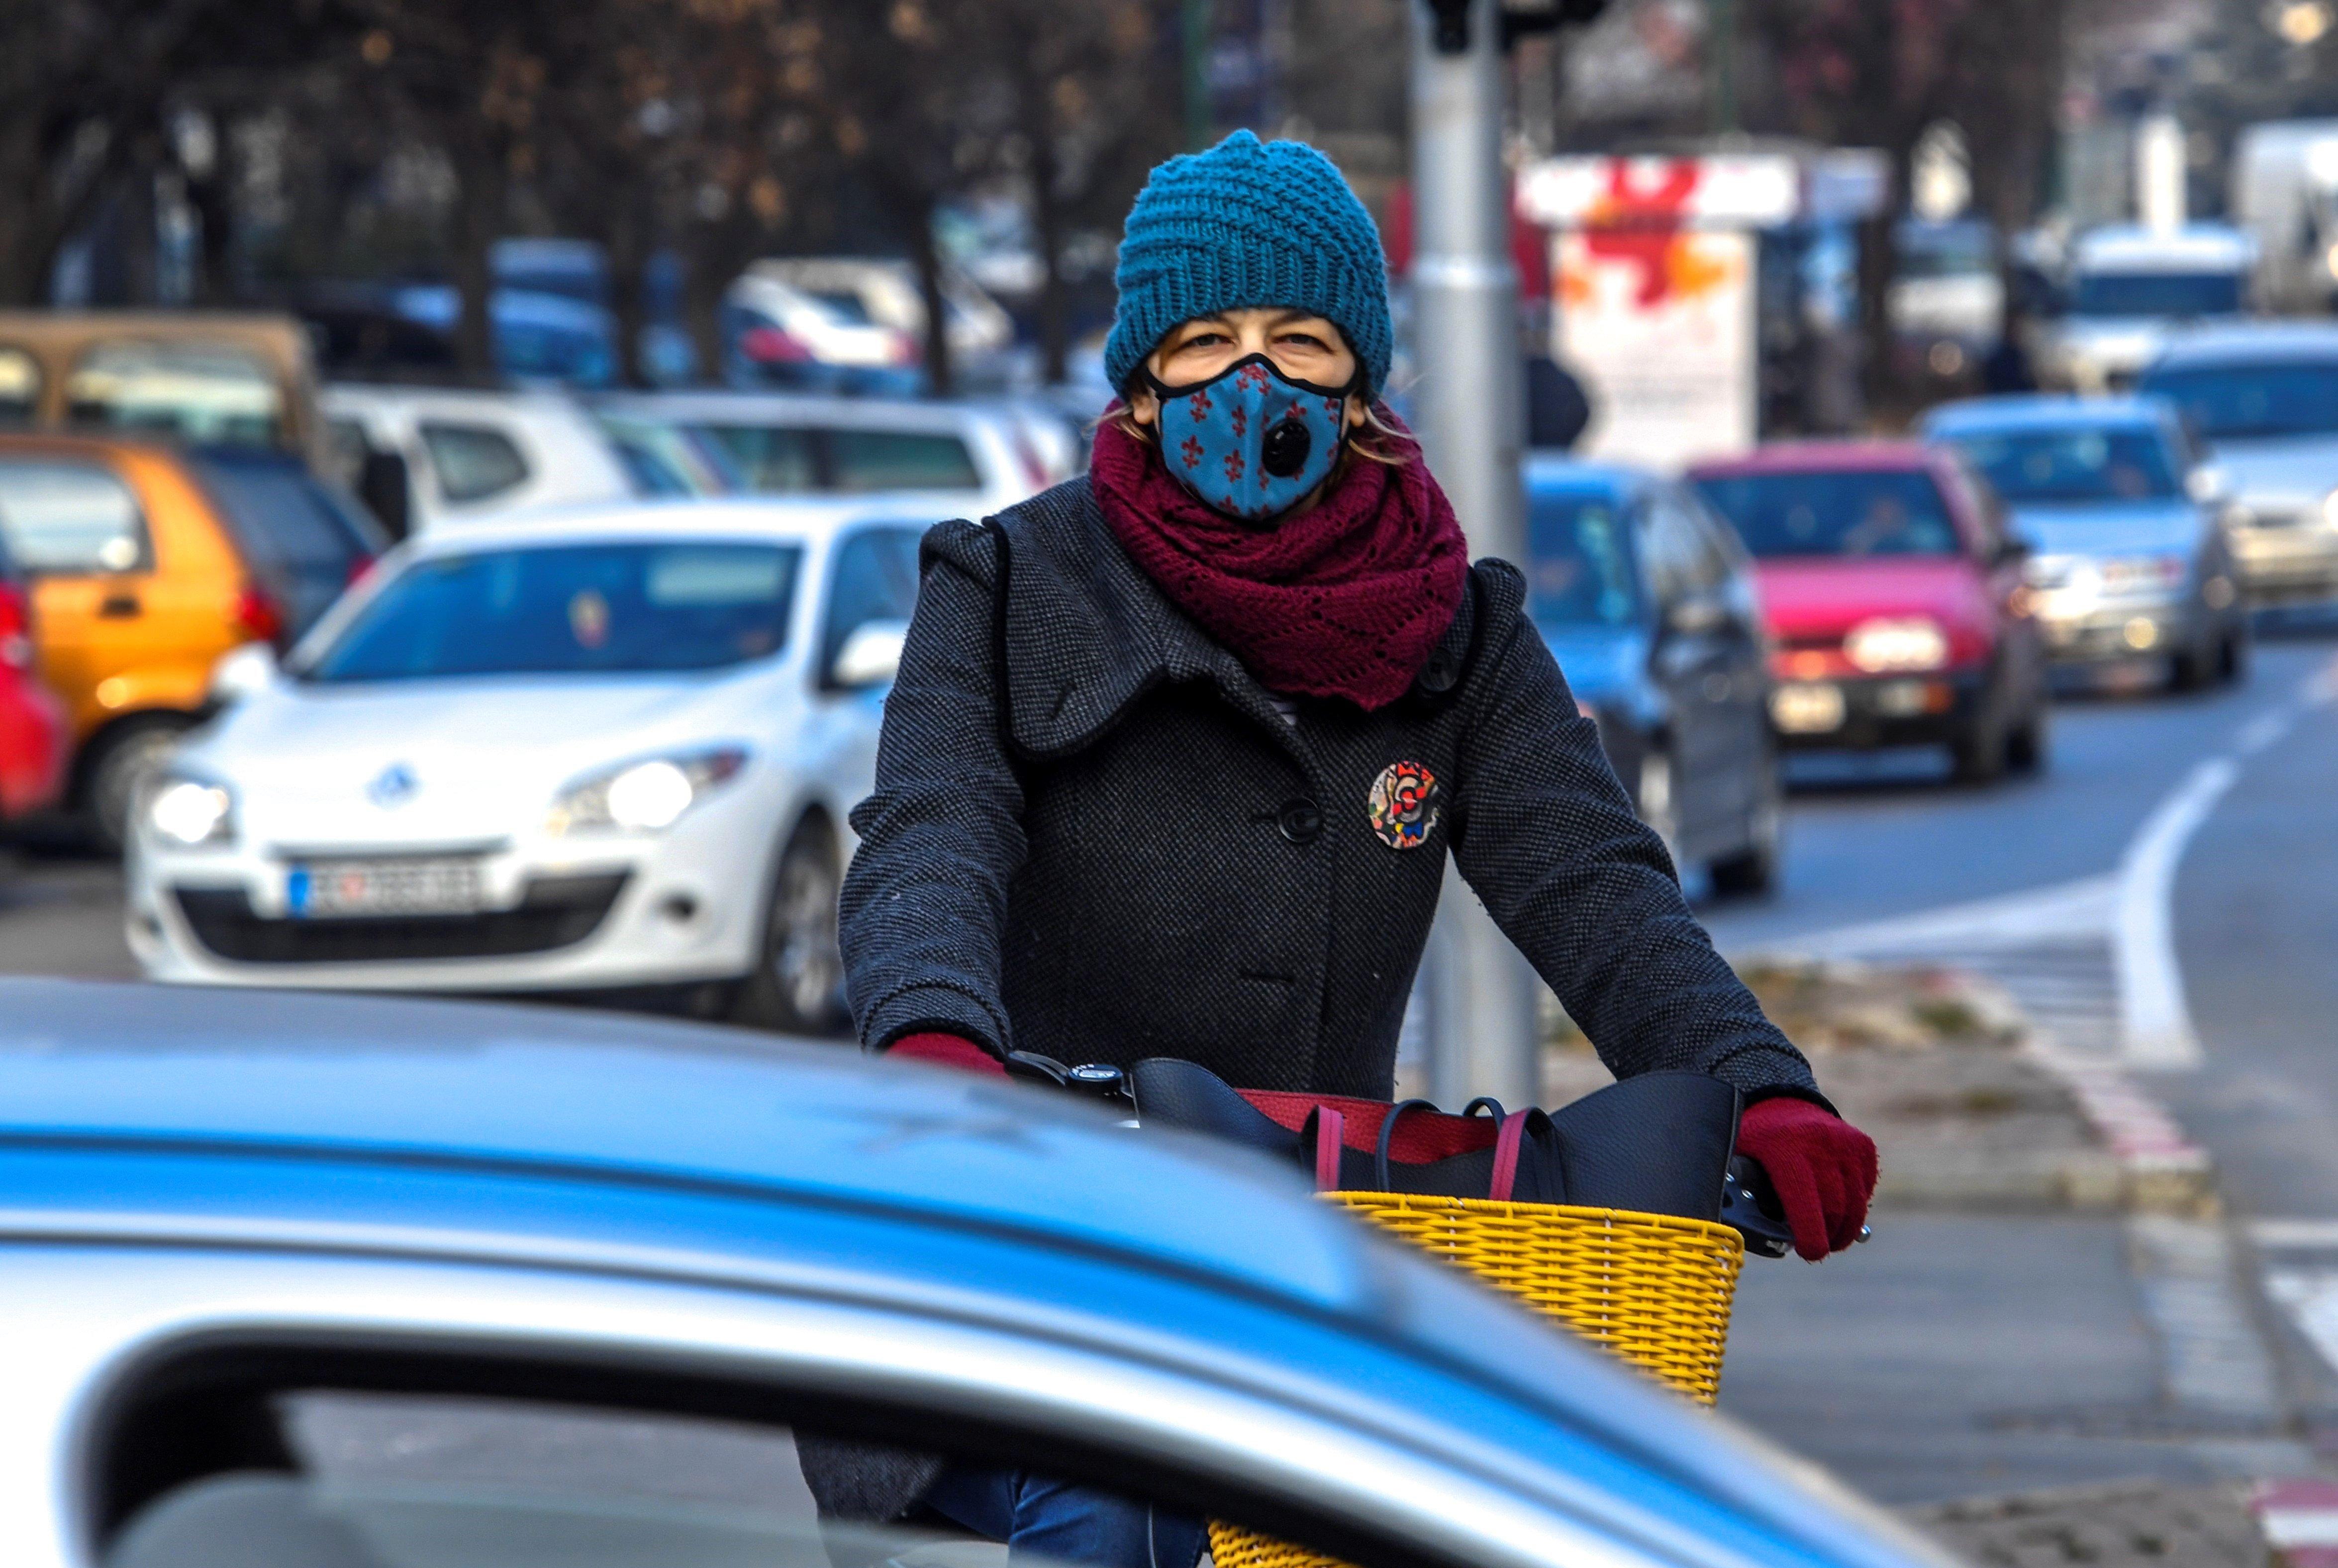 El govern de Macedònia ha demanat a la ciutadania que faci ús de la bicicleta o del transport públic per combatre la contaminació atmosfèrica / GEORGI LICOVSKI